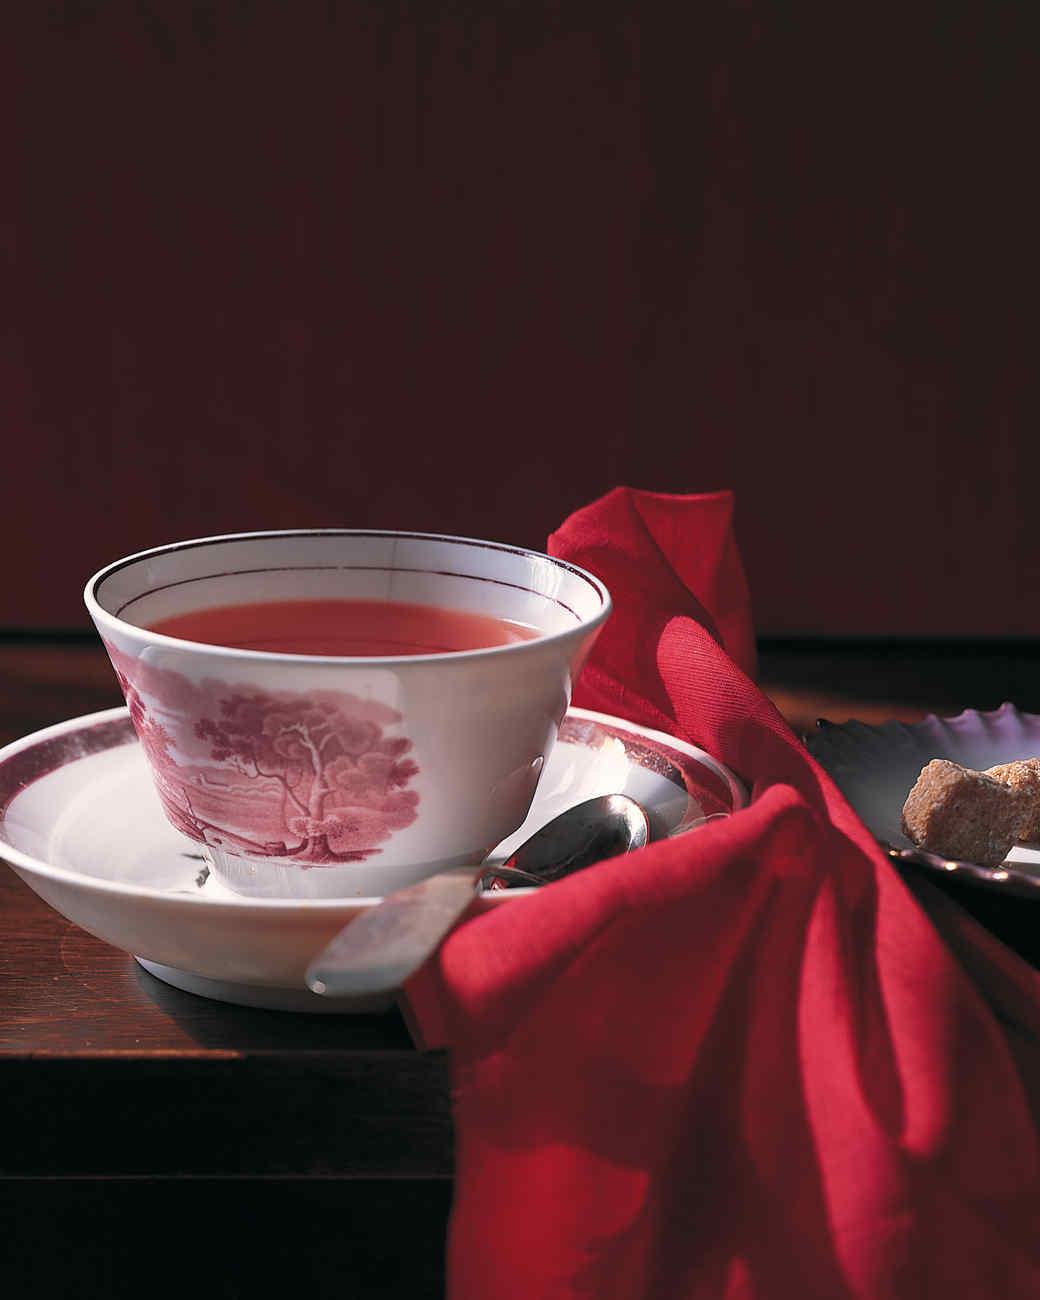 pomegranate-tea-1202-mla99182.jpg